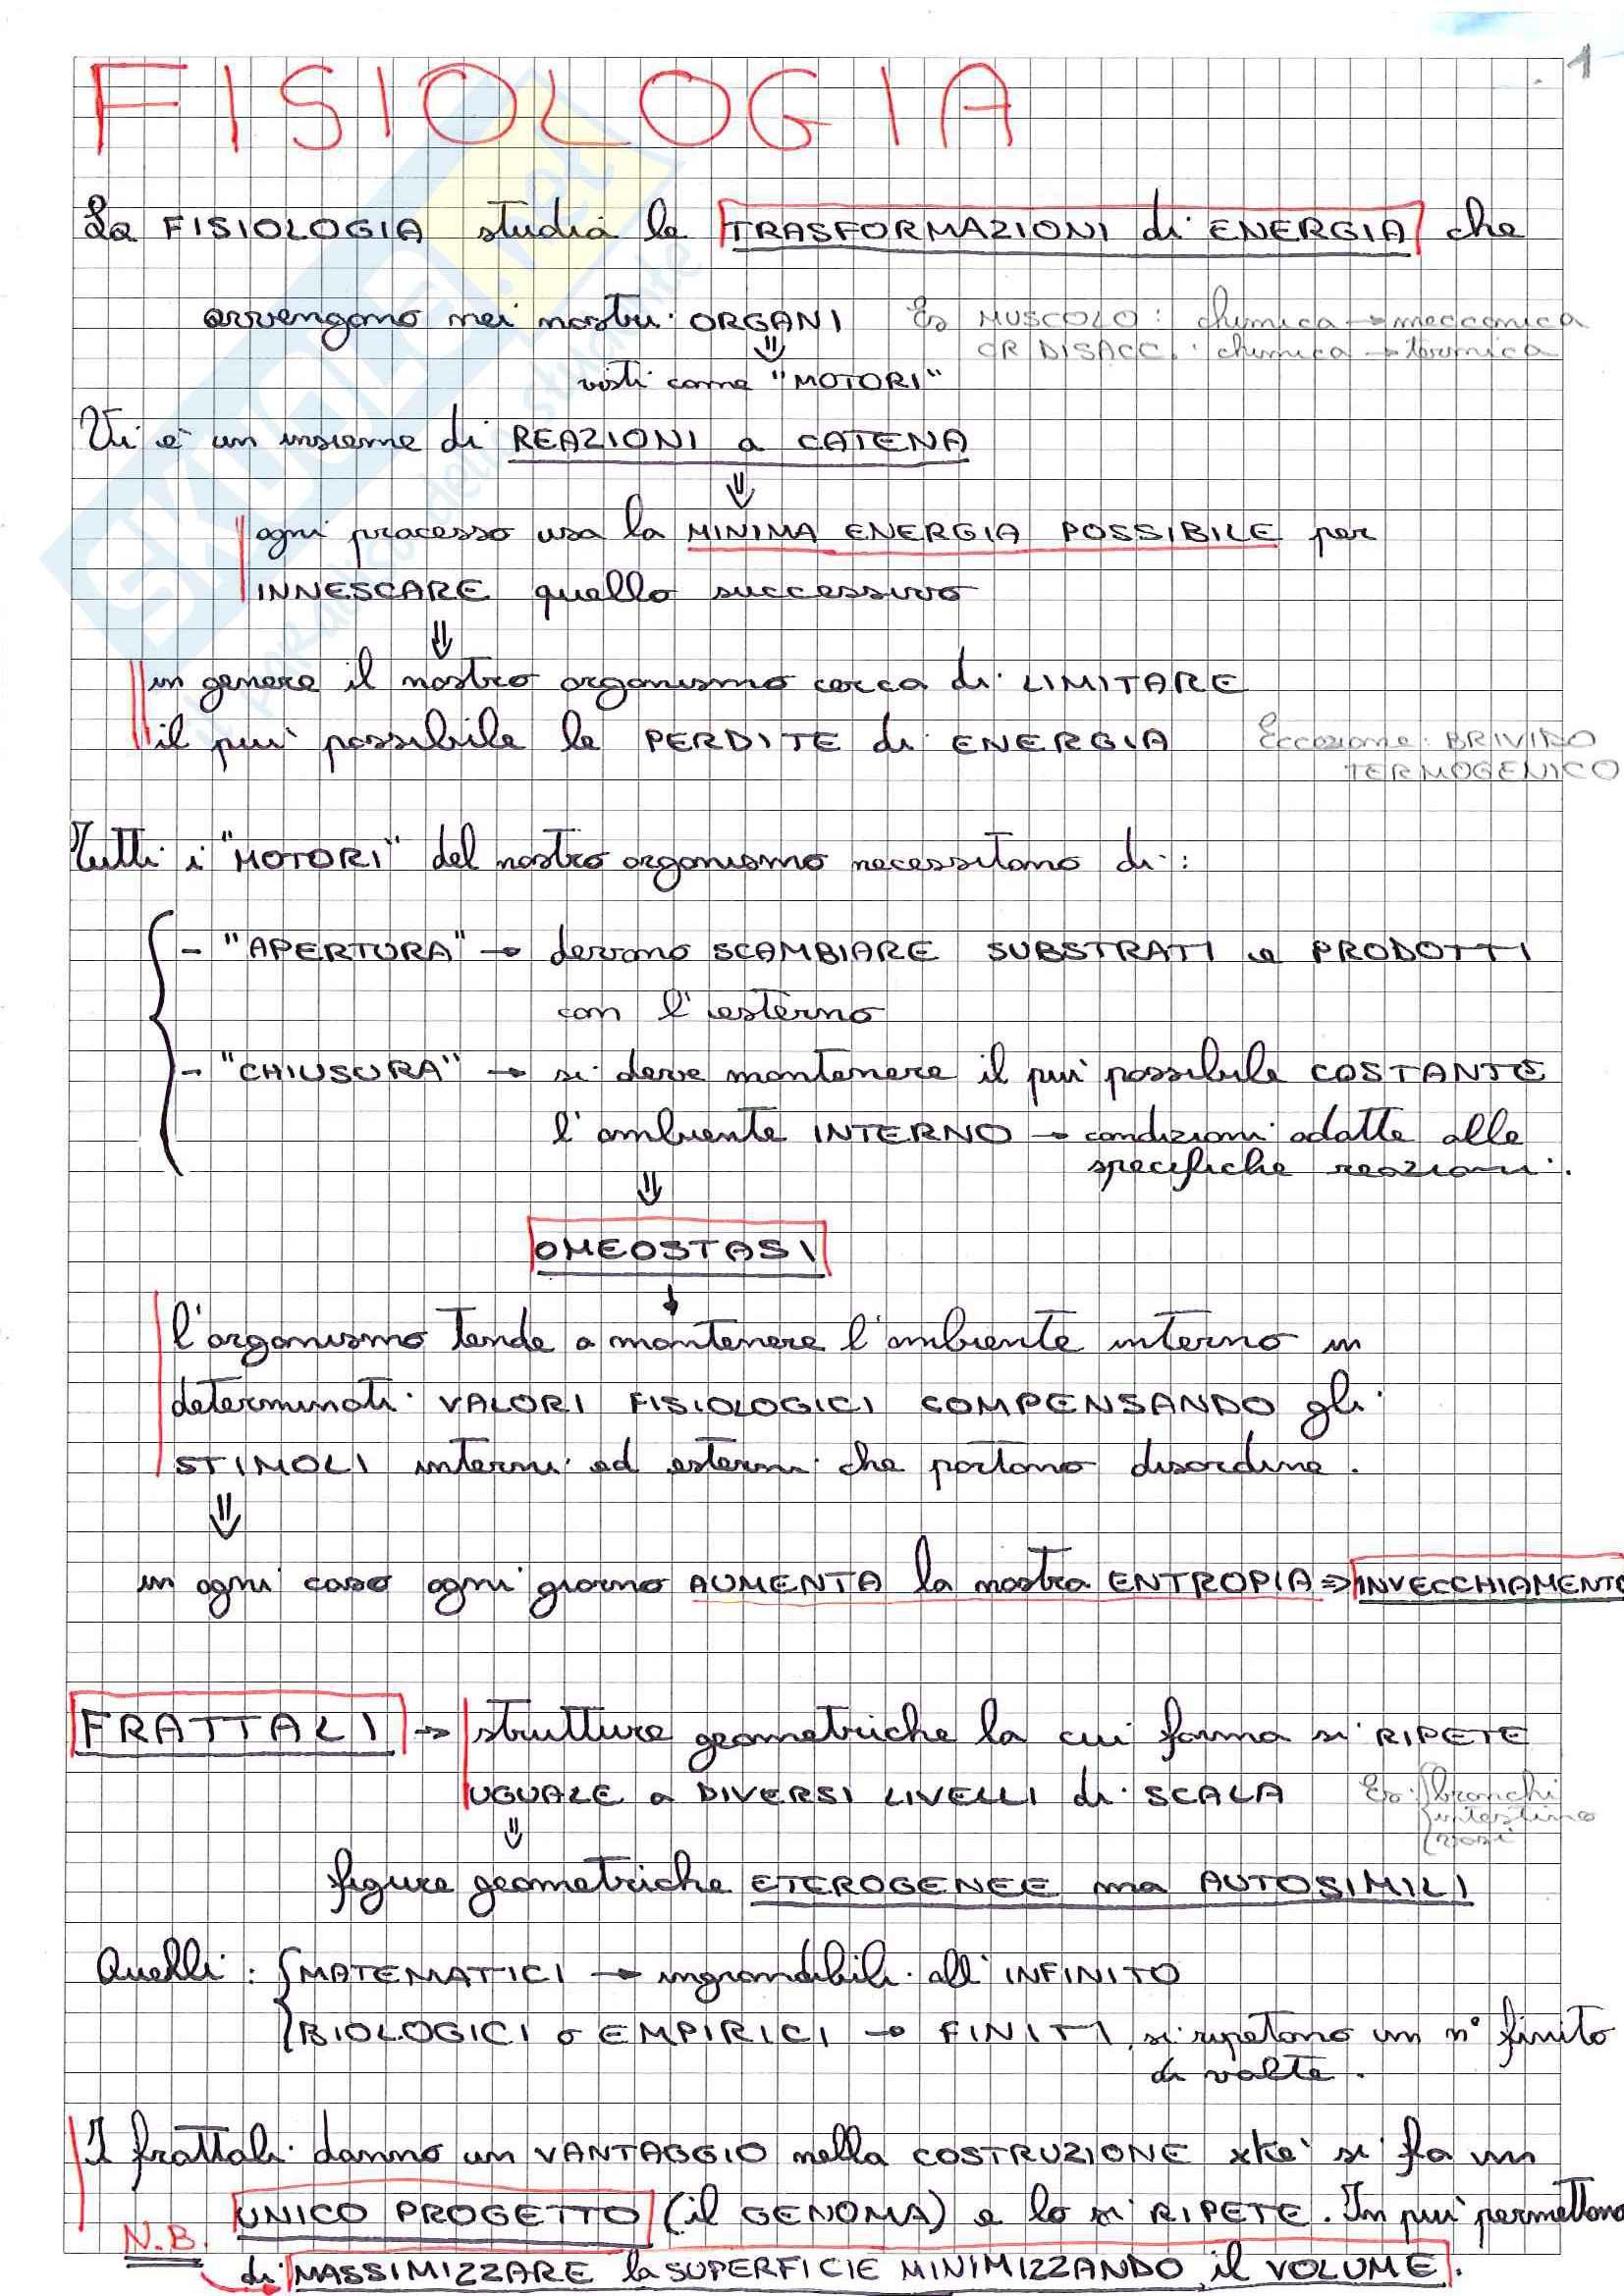 Riassunto esame Fisiologia, prof Minetti, libro consigliato Fisiologia Umana, Baldissera (parte 1)